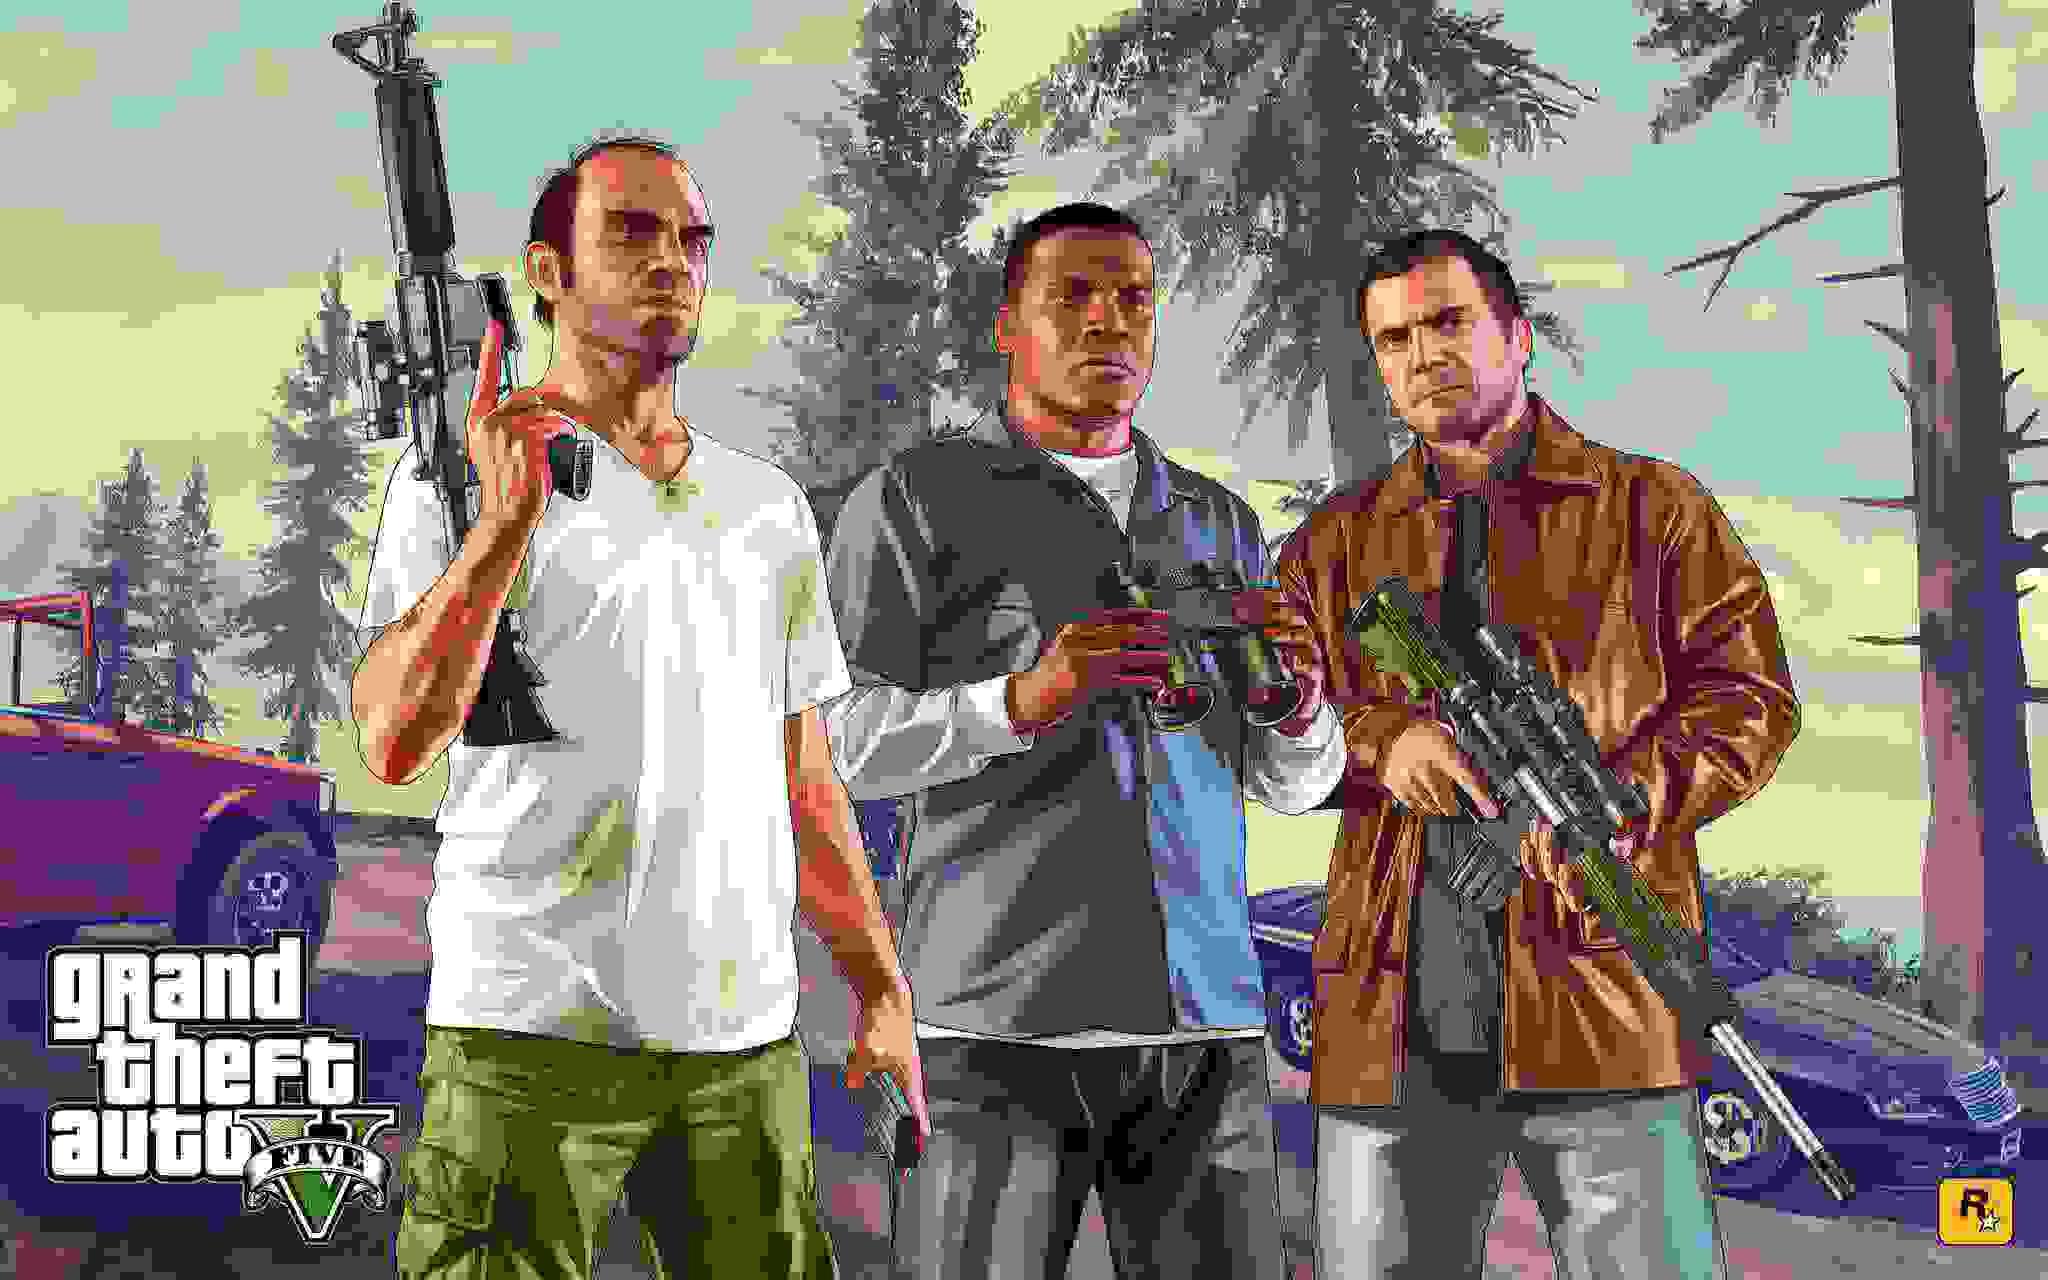 Grand Theft Auto V 2012 (73 million+)